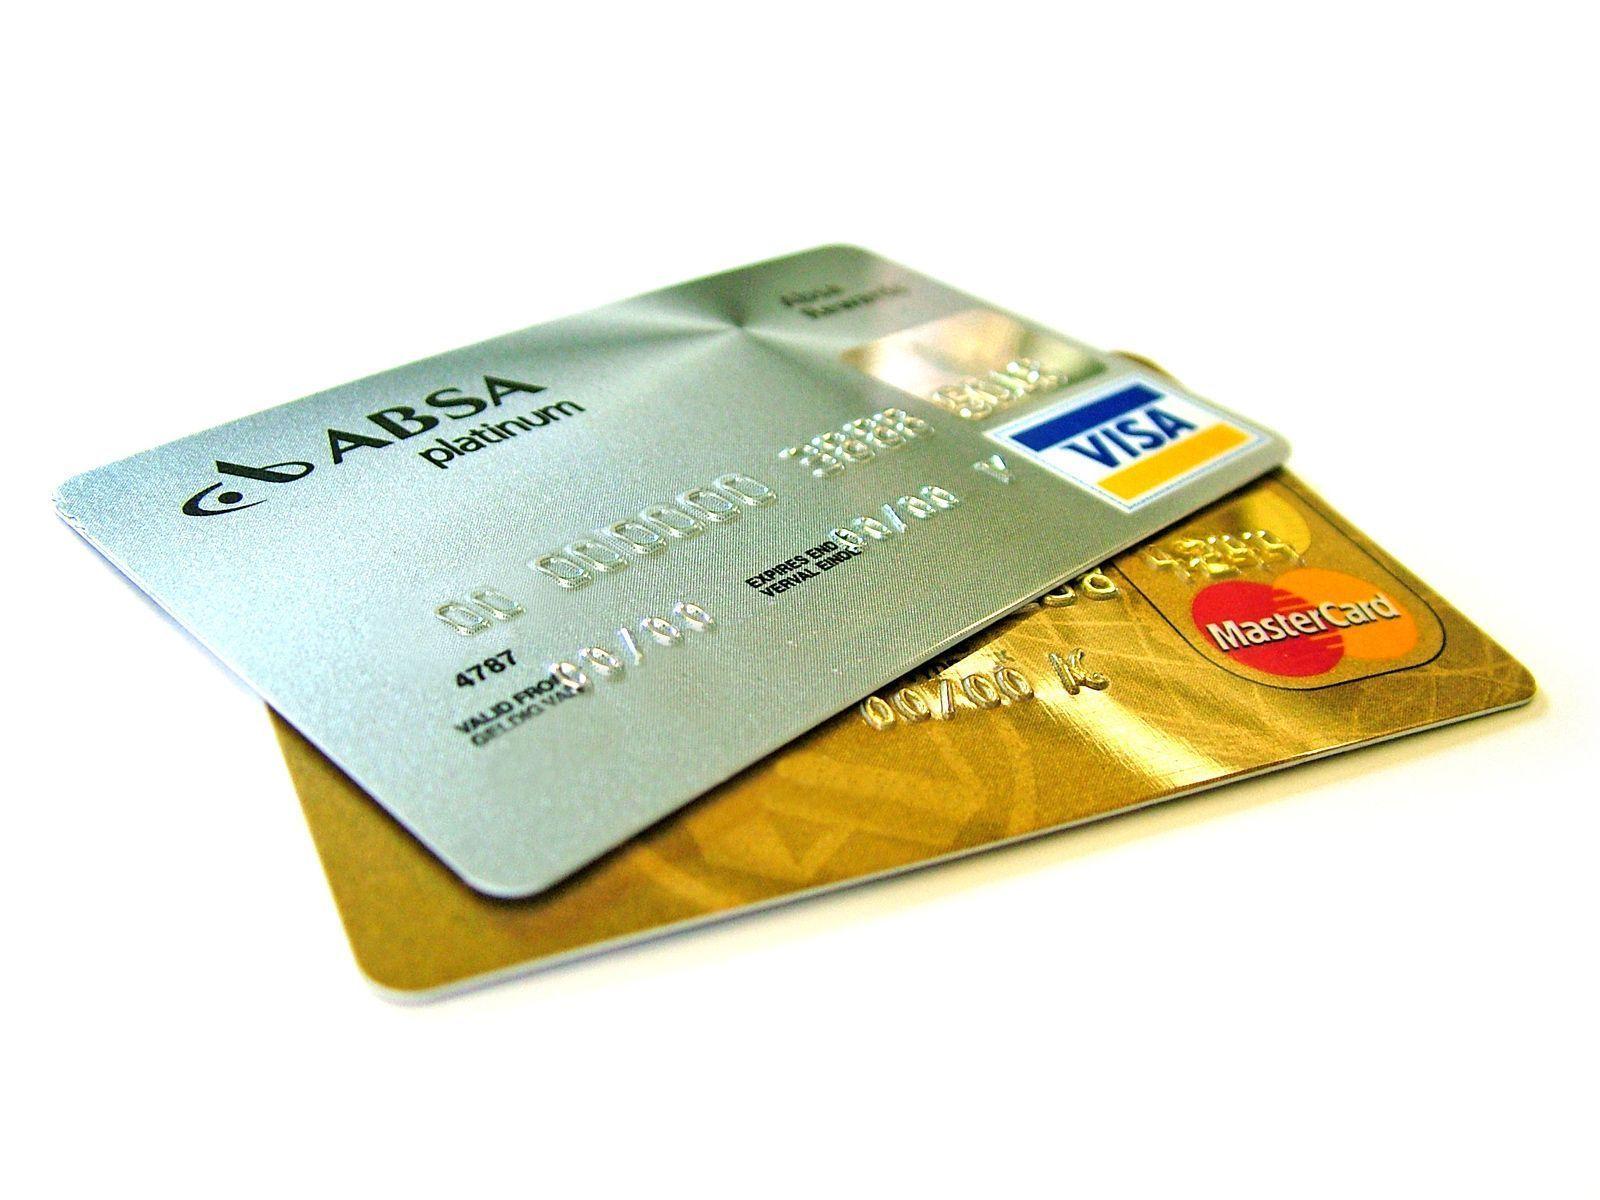 Tarjetas de crédito de prueba